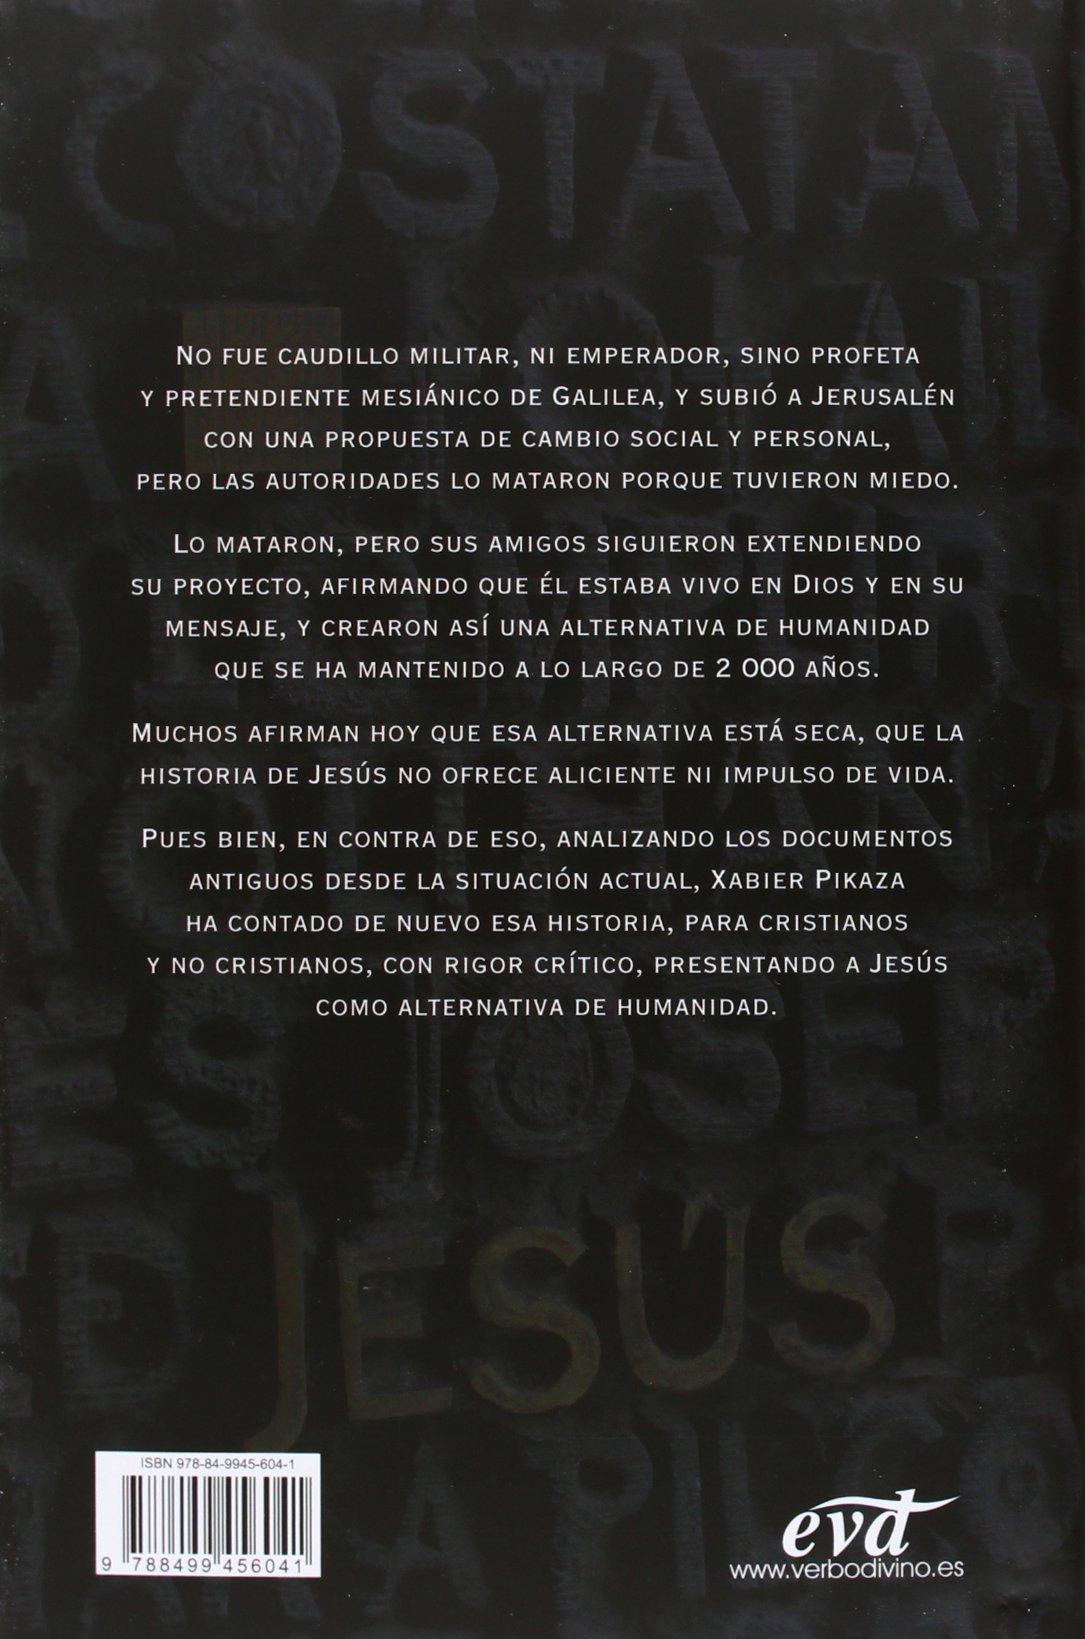 Historia De Jesus (Estudios bíblicos): Amazon.es: Pikaza Ibarrondo, Xabier:  Libros